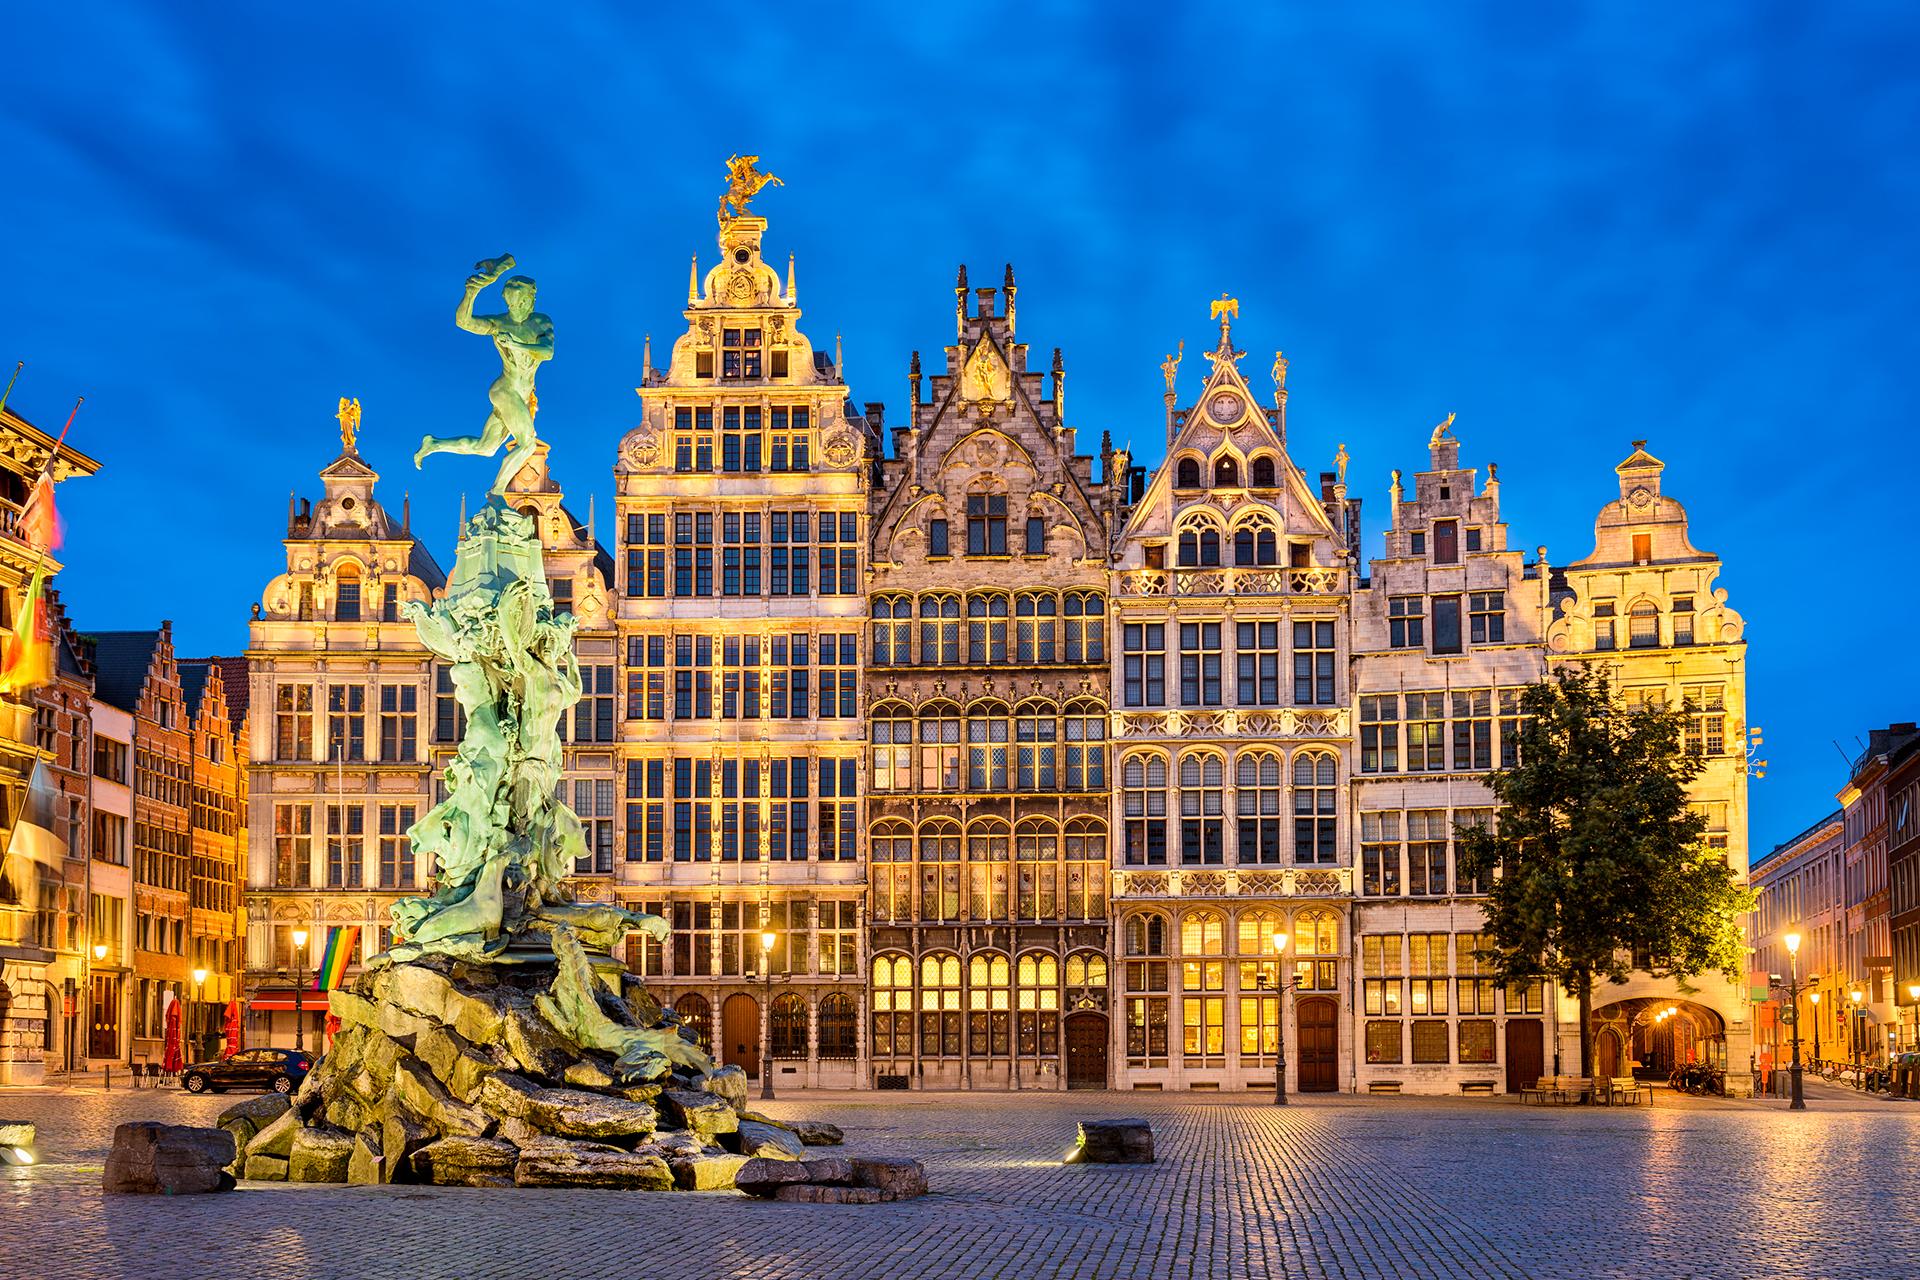 Conocida como la Capital Mundial de los Diamantes, Amberes es la segunda ciudad más importante de Bélgica. Mundialmente es famosa por su producción de diamantes en bruto, aproximadamente el 85% de la producción mundial